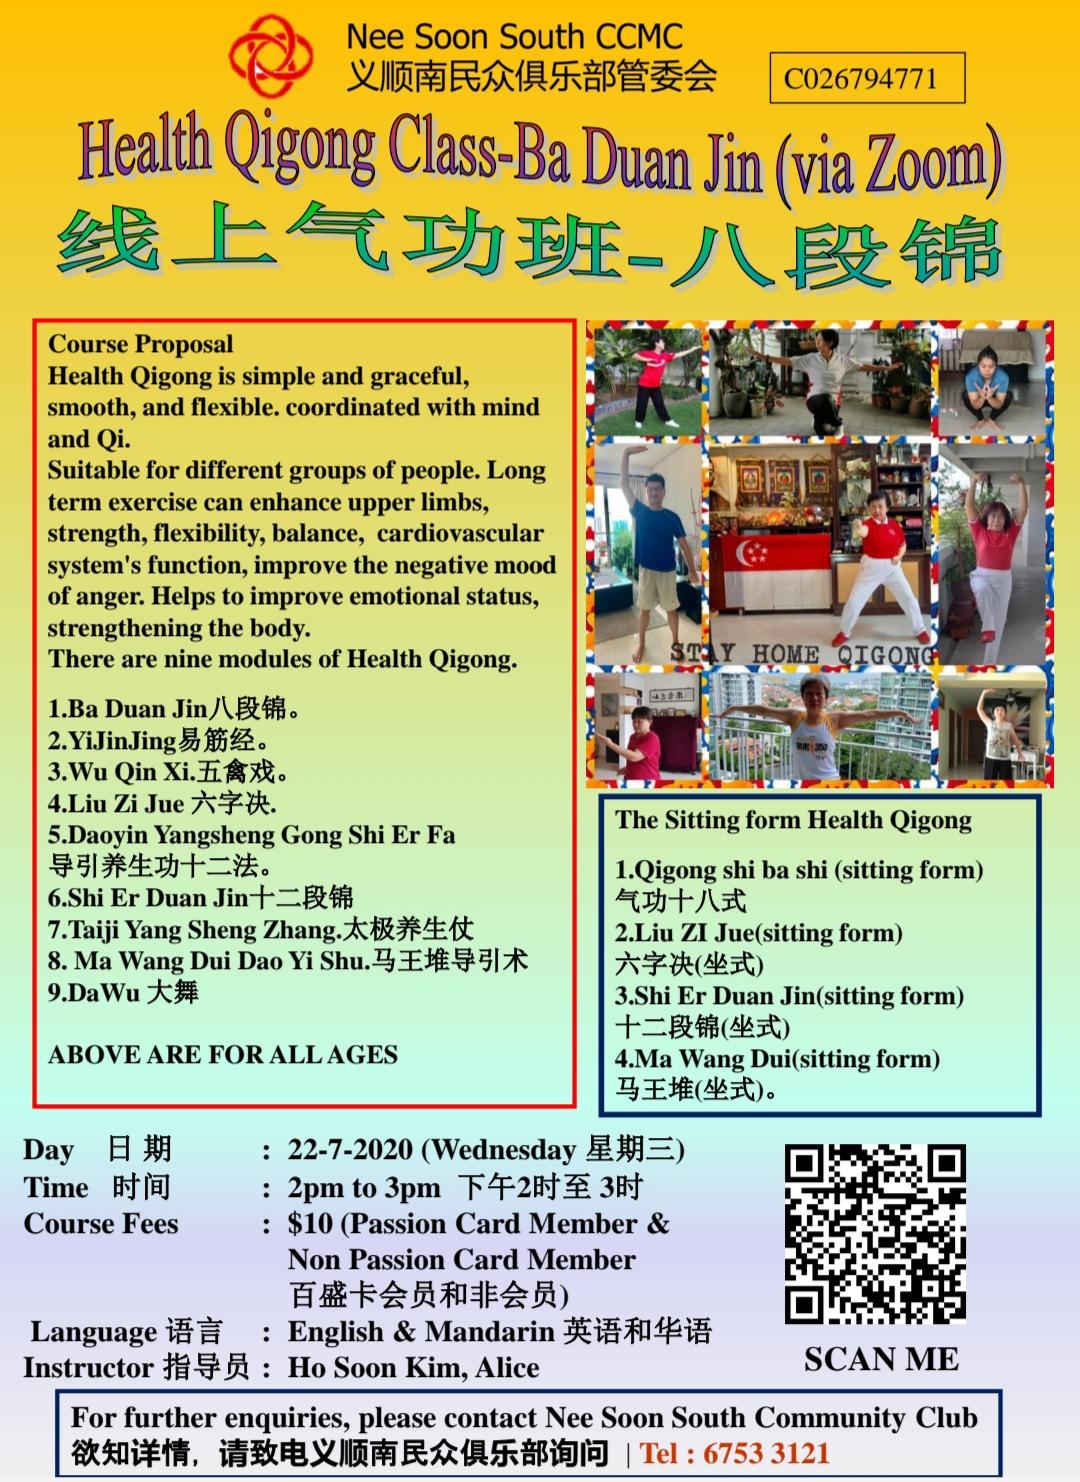 Health Qigong Class-ba Duan Jin (Via Zoom)